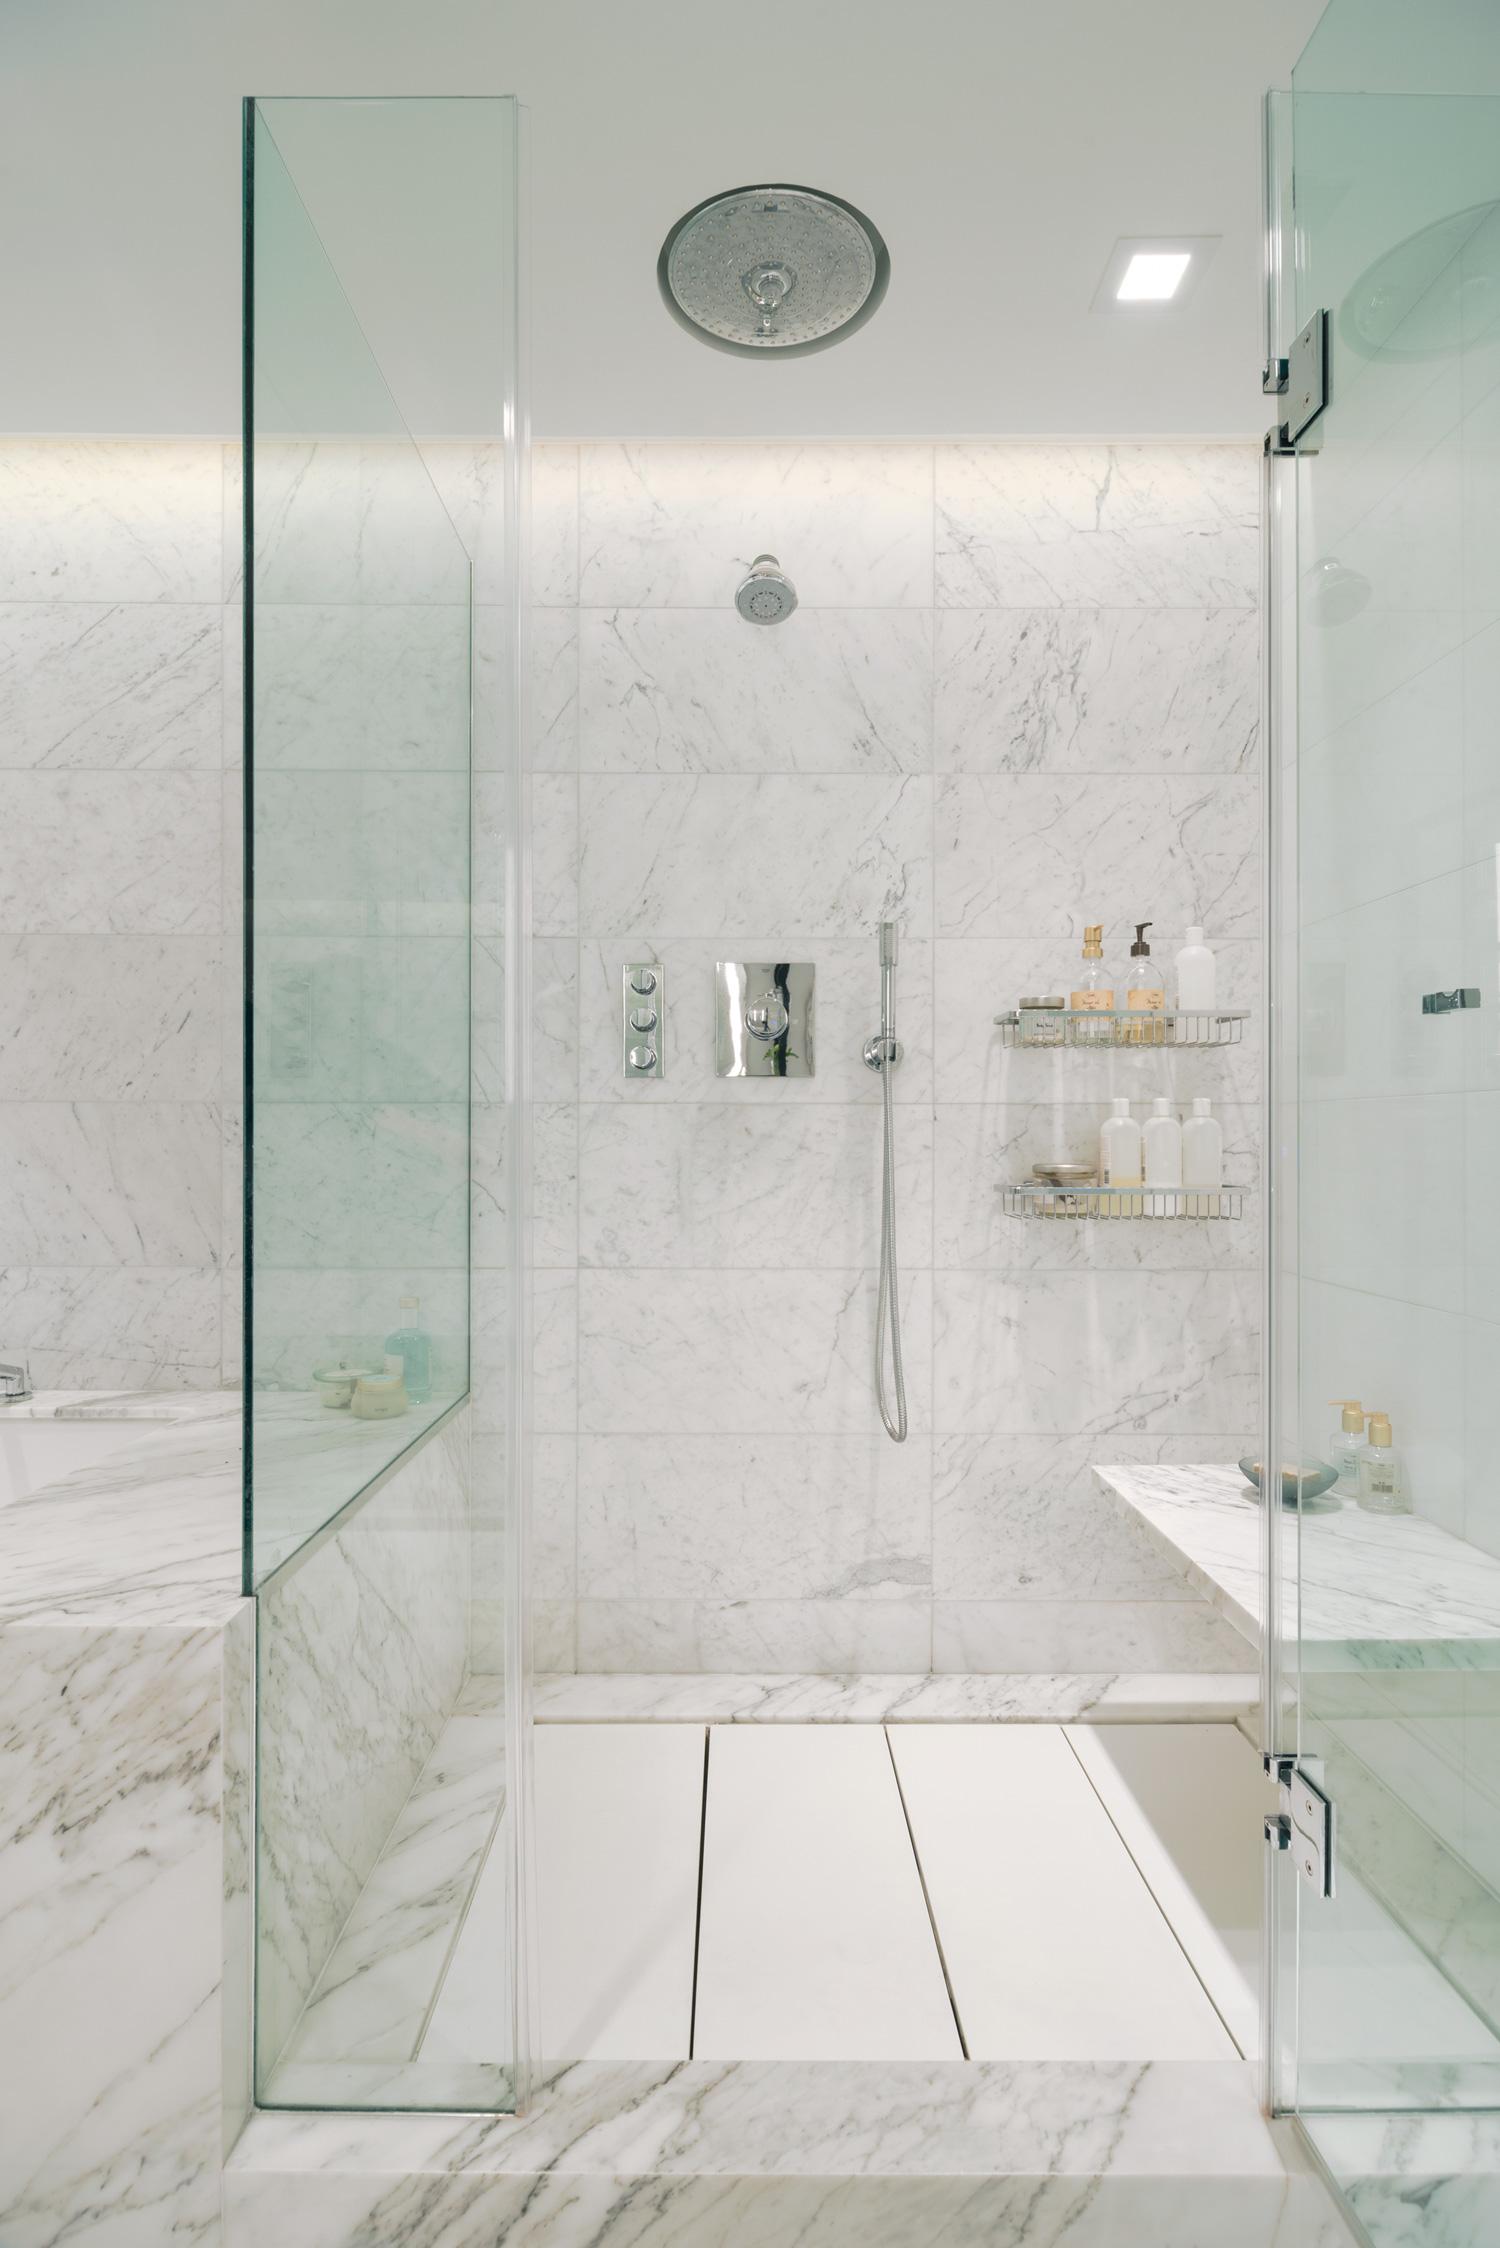 new-york-architect-adi-gershoni-master-bathroom-7.jpg